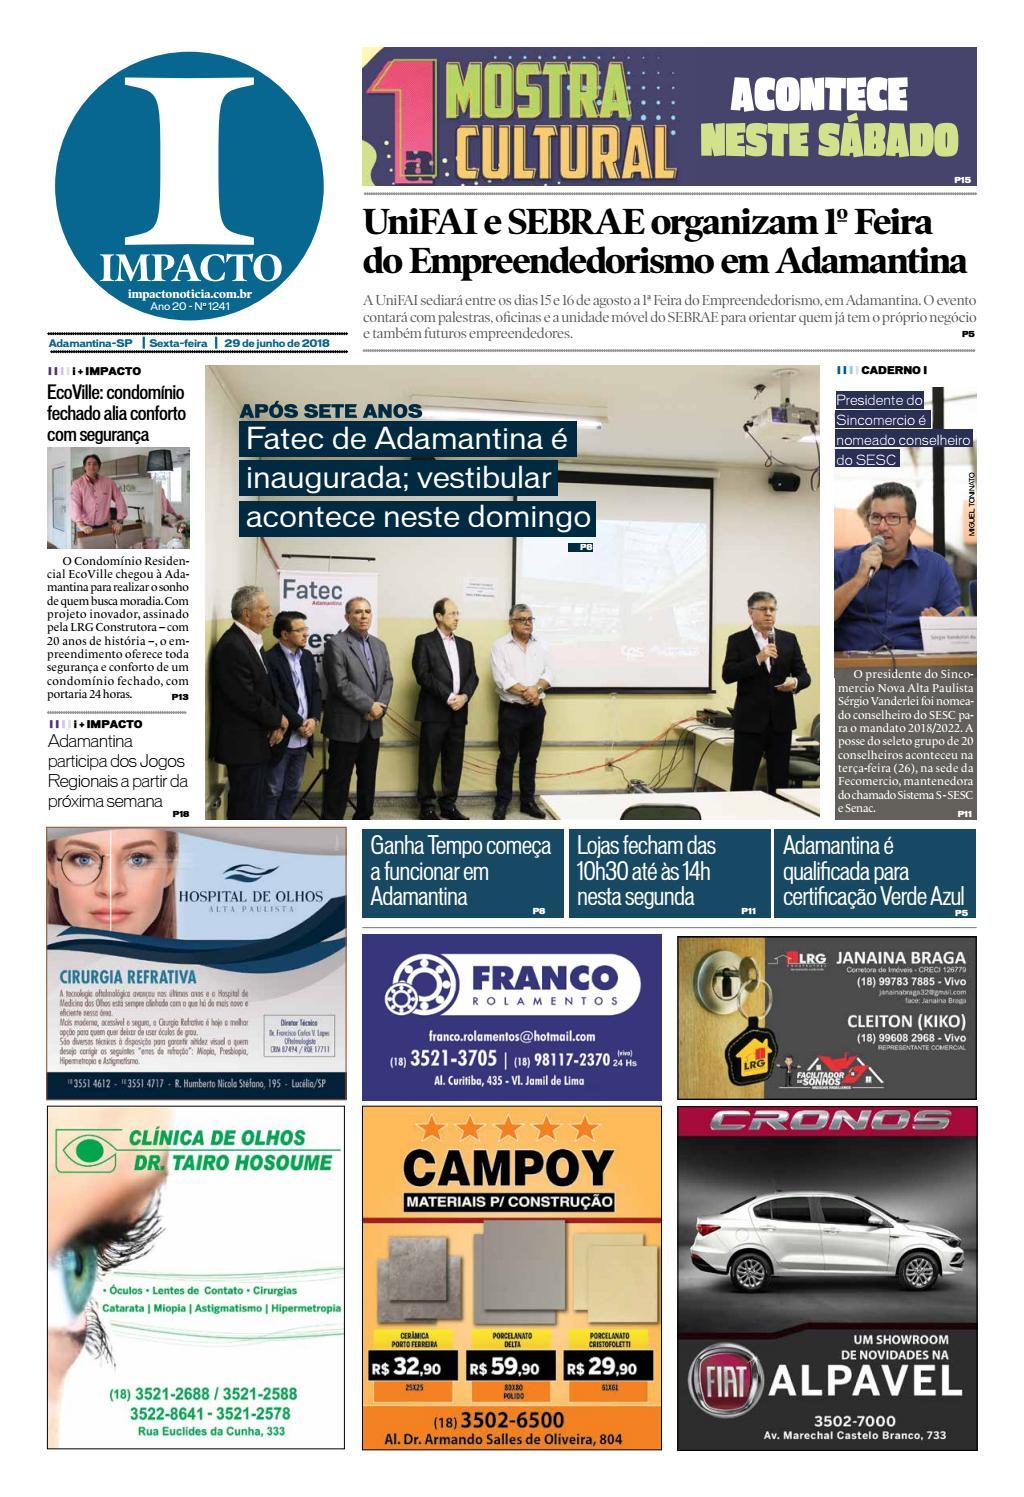 c4f0cf8b1 IMPACTO - 22-06-2018 by IMPACTO - issuu